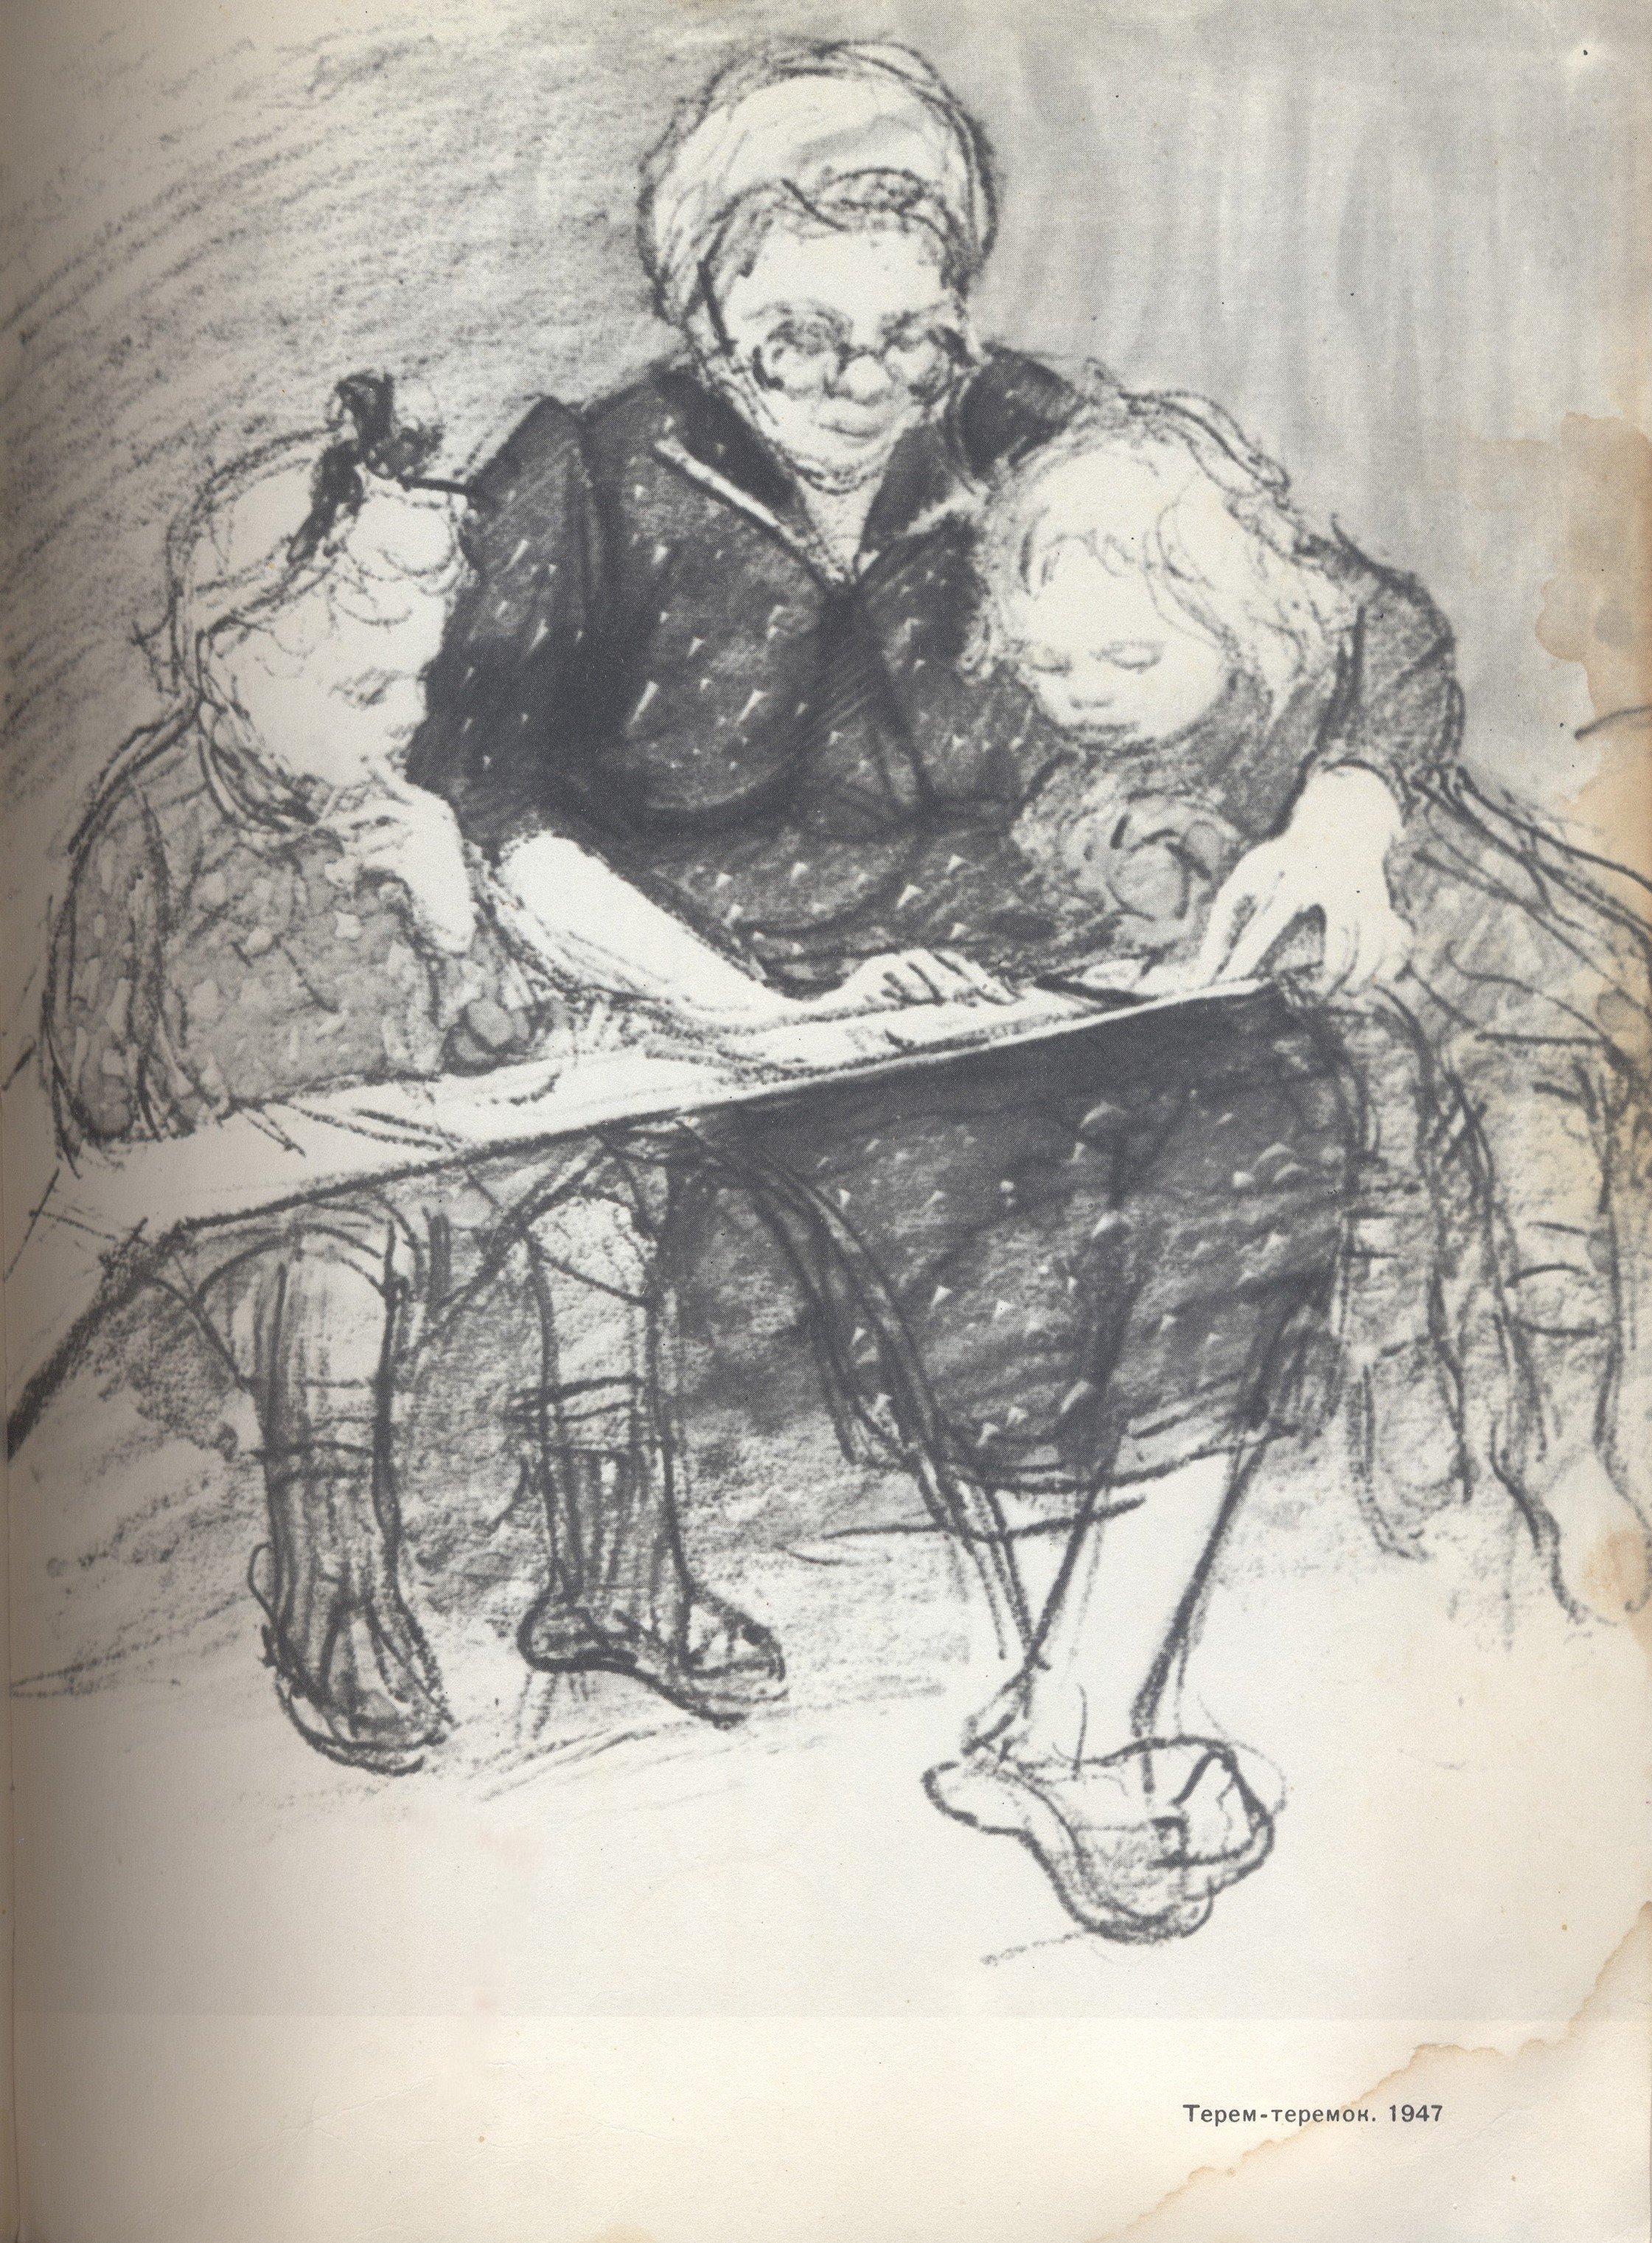 Жуков николай николаевич купить рисунки 5